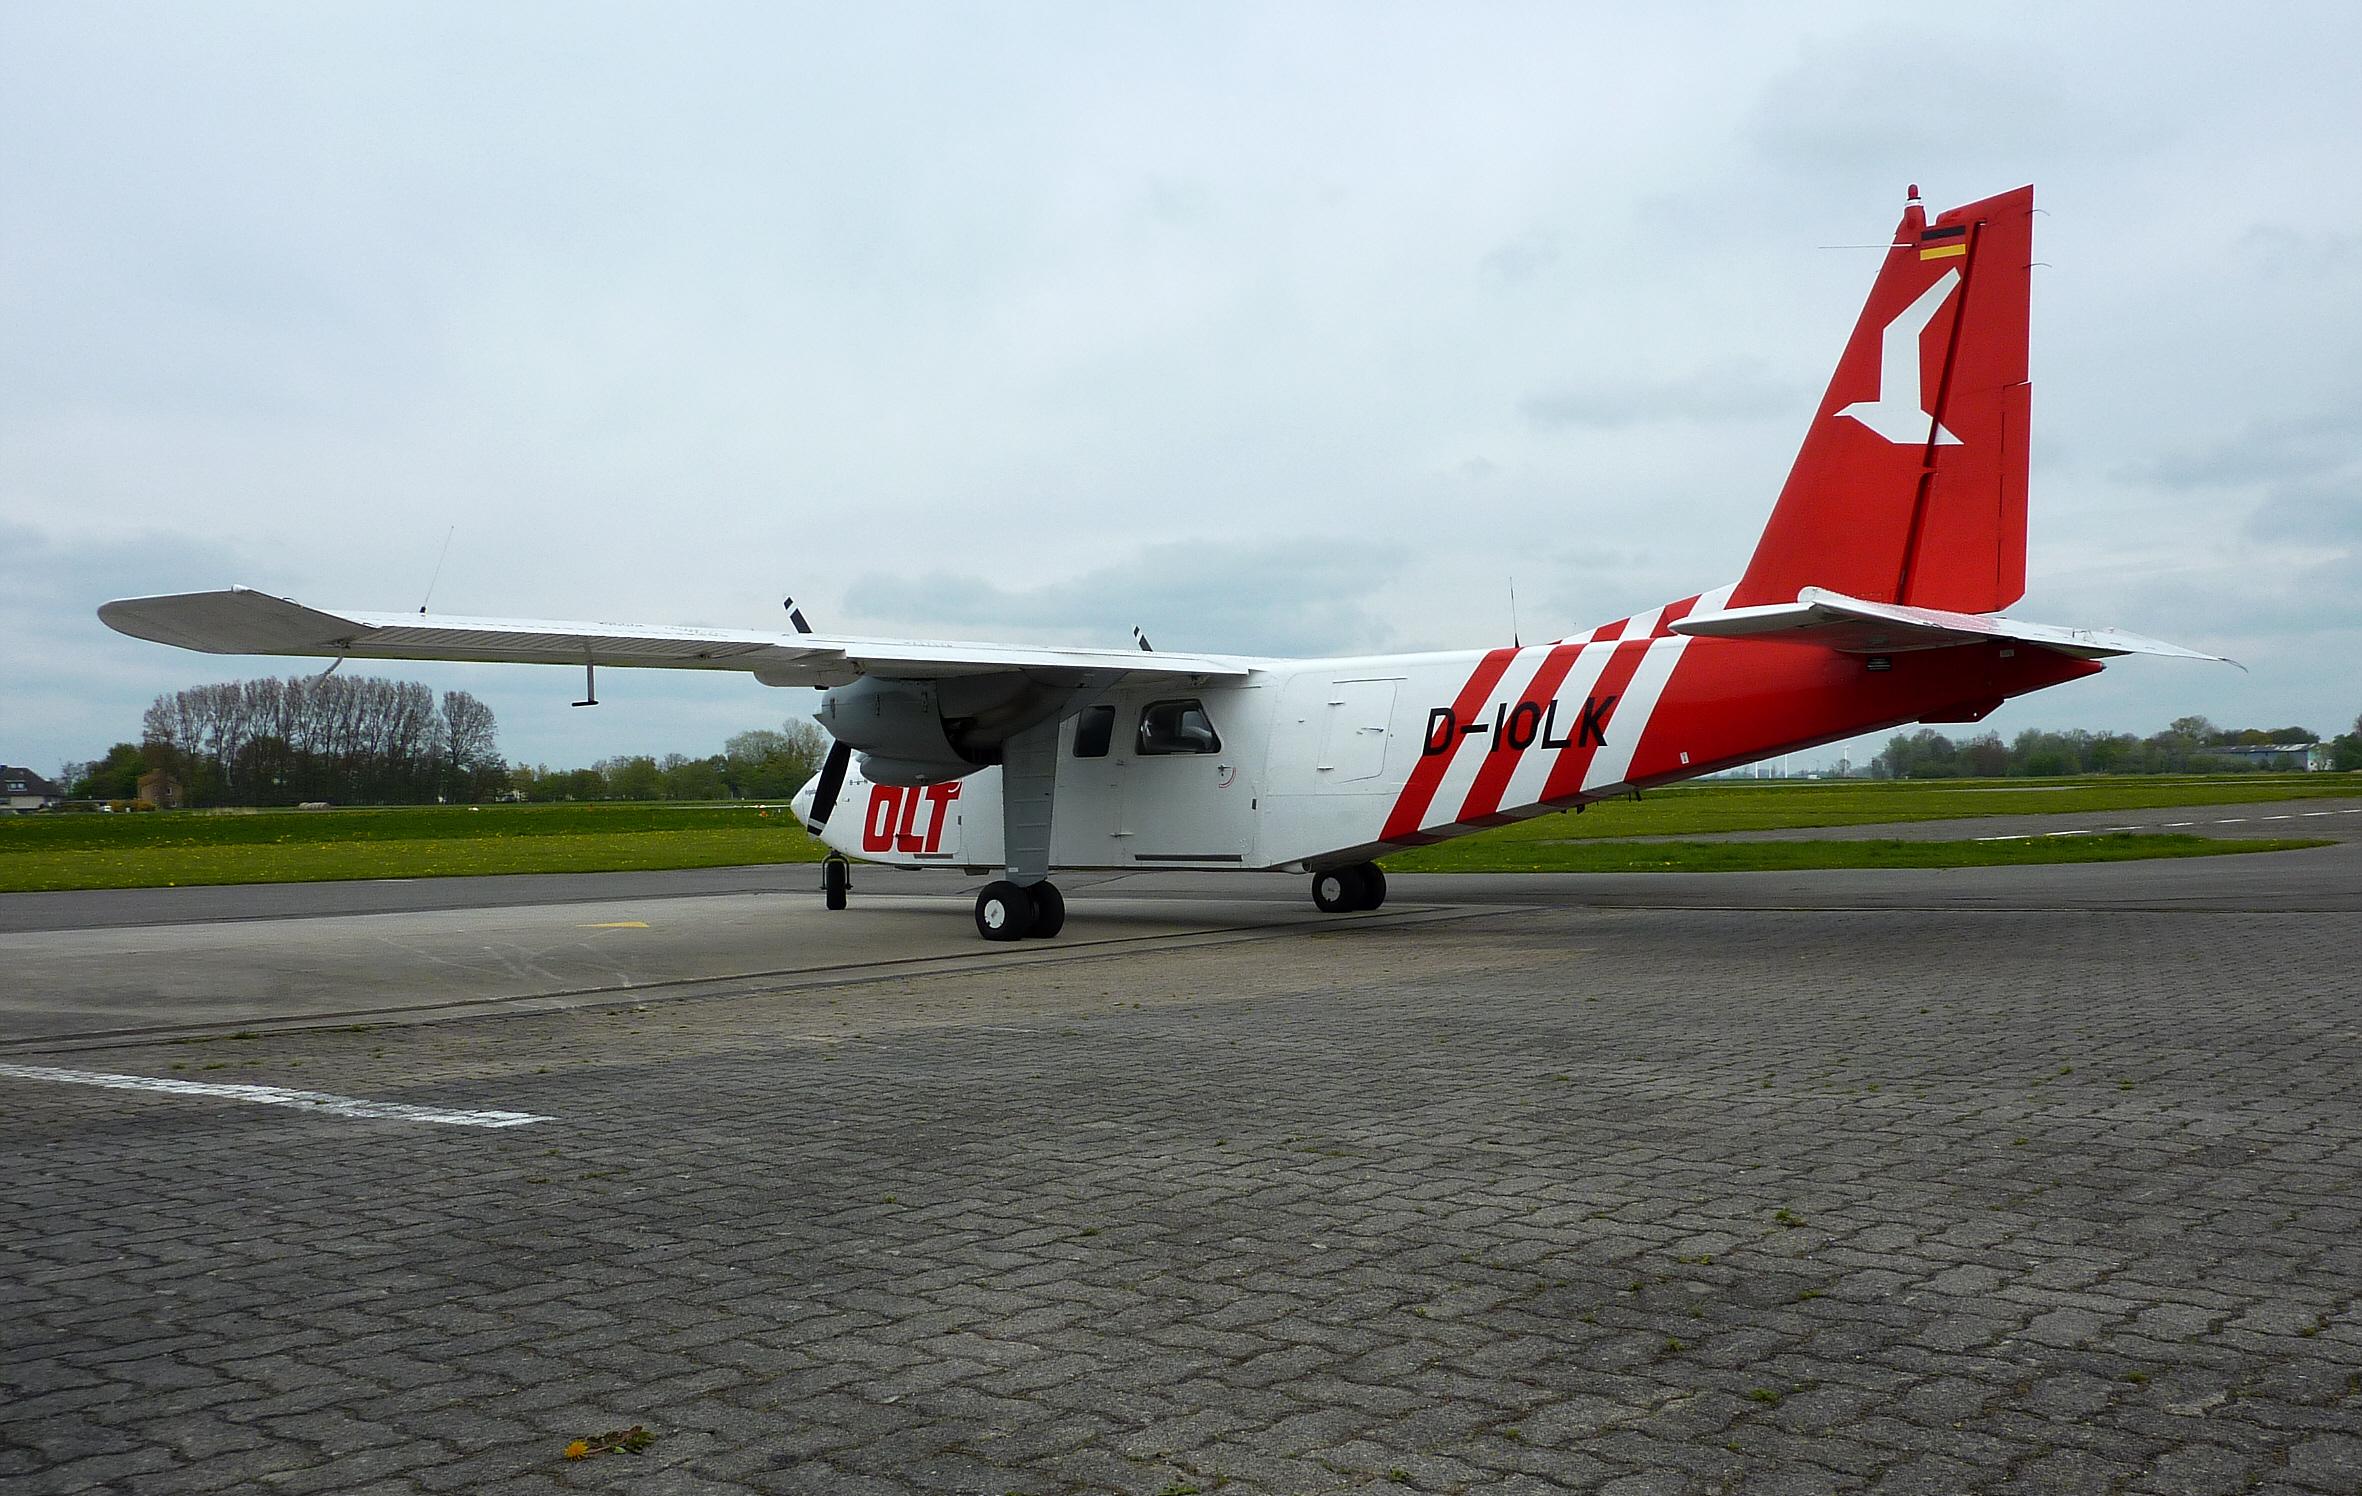 1 Norman Islander